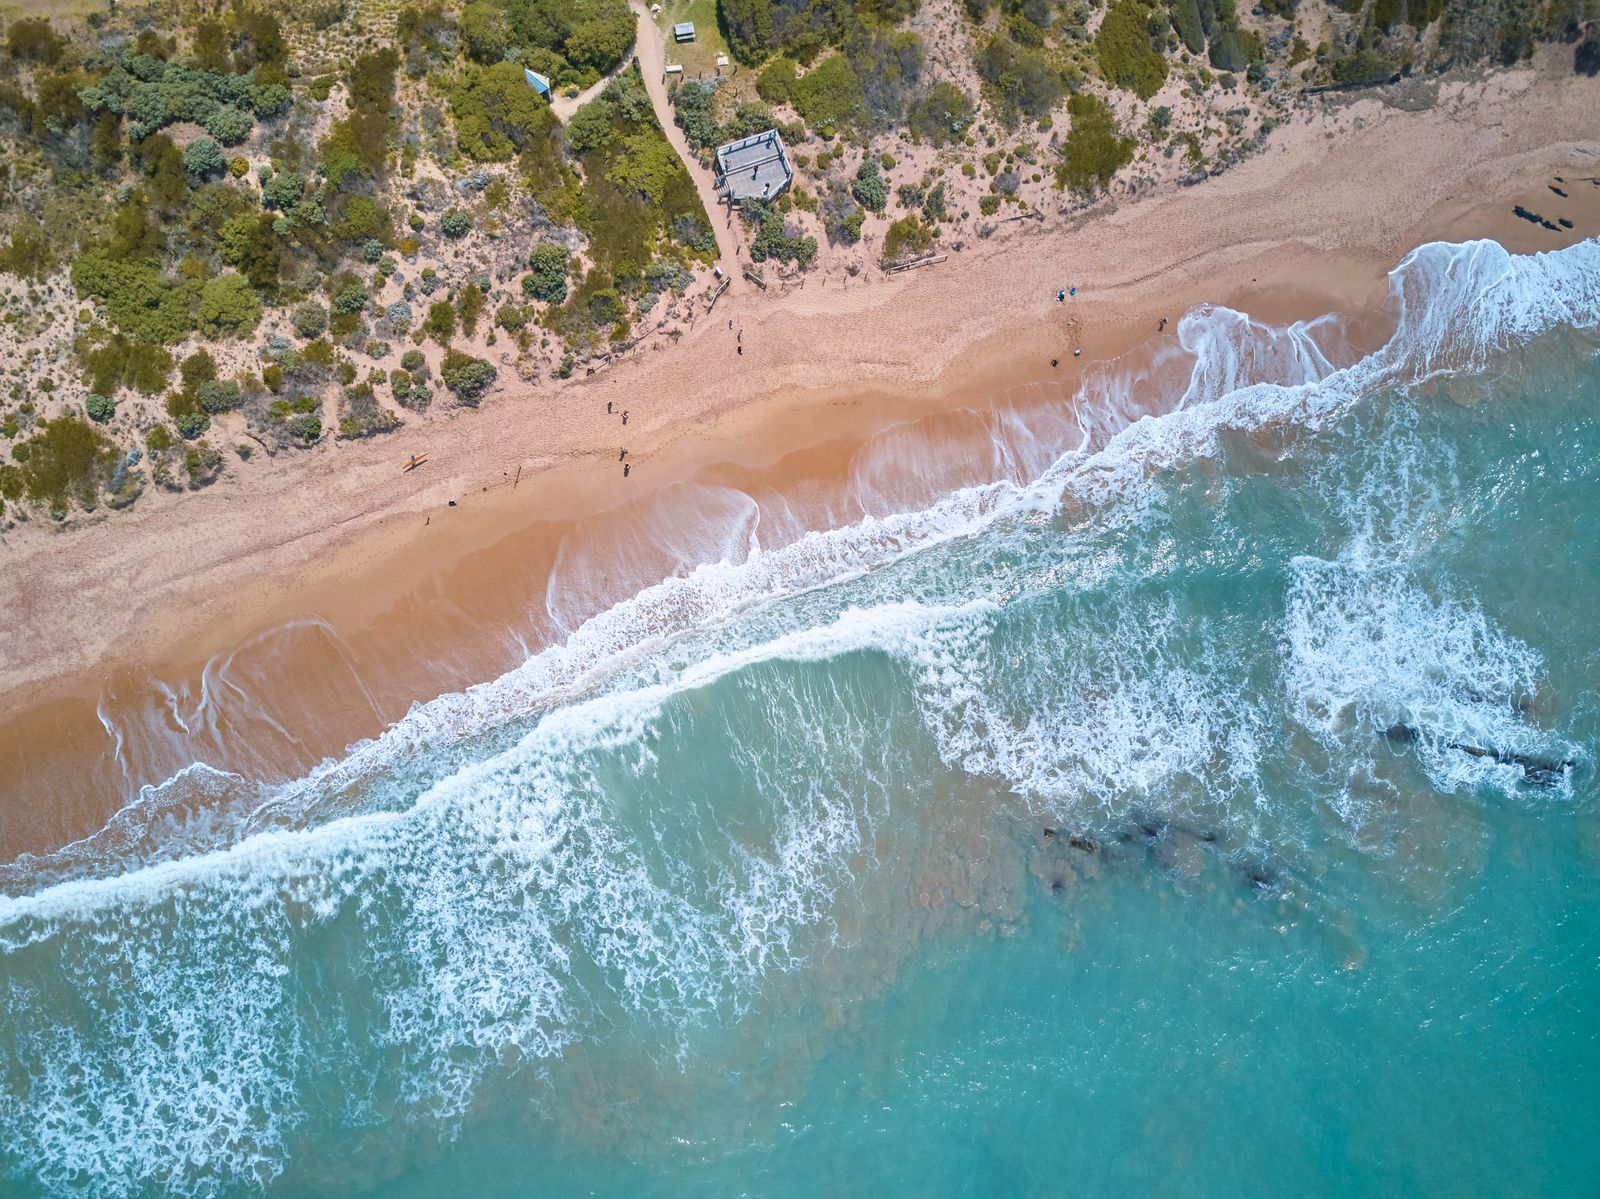 AU_Great ocean roadDJI_0033